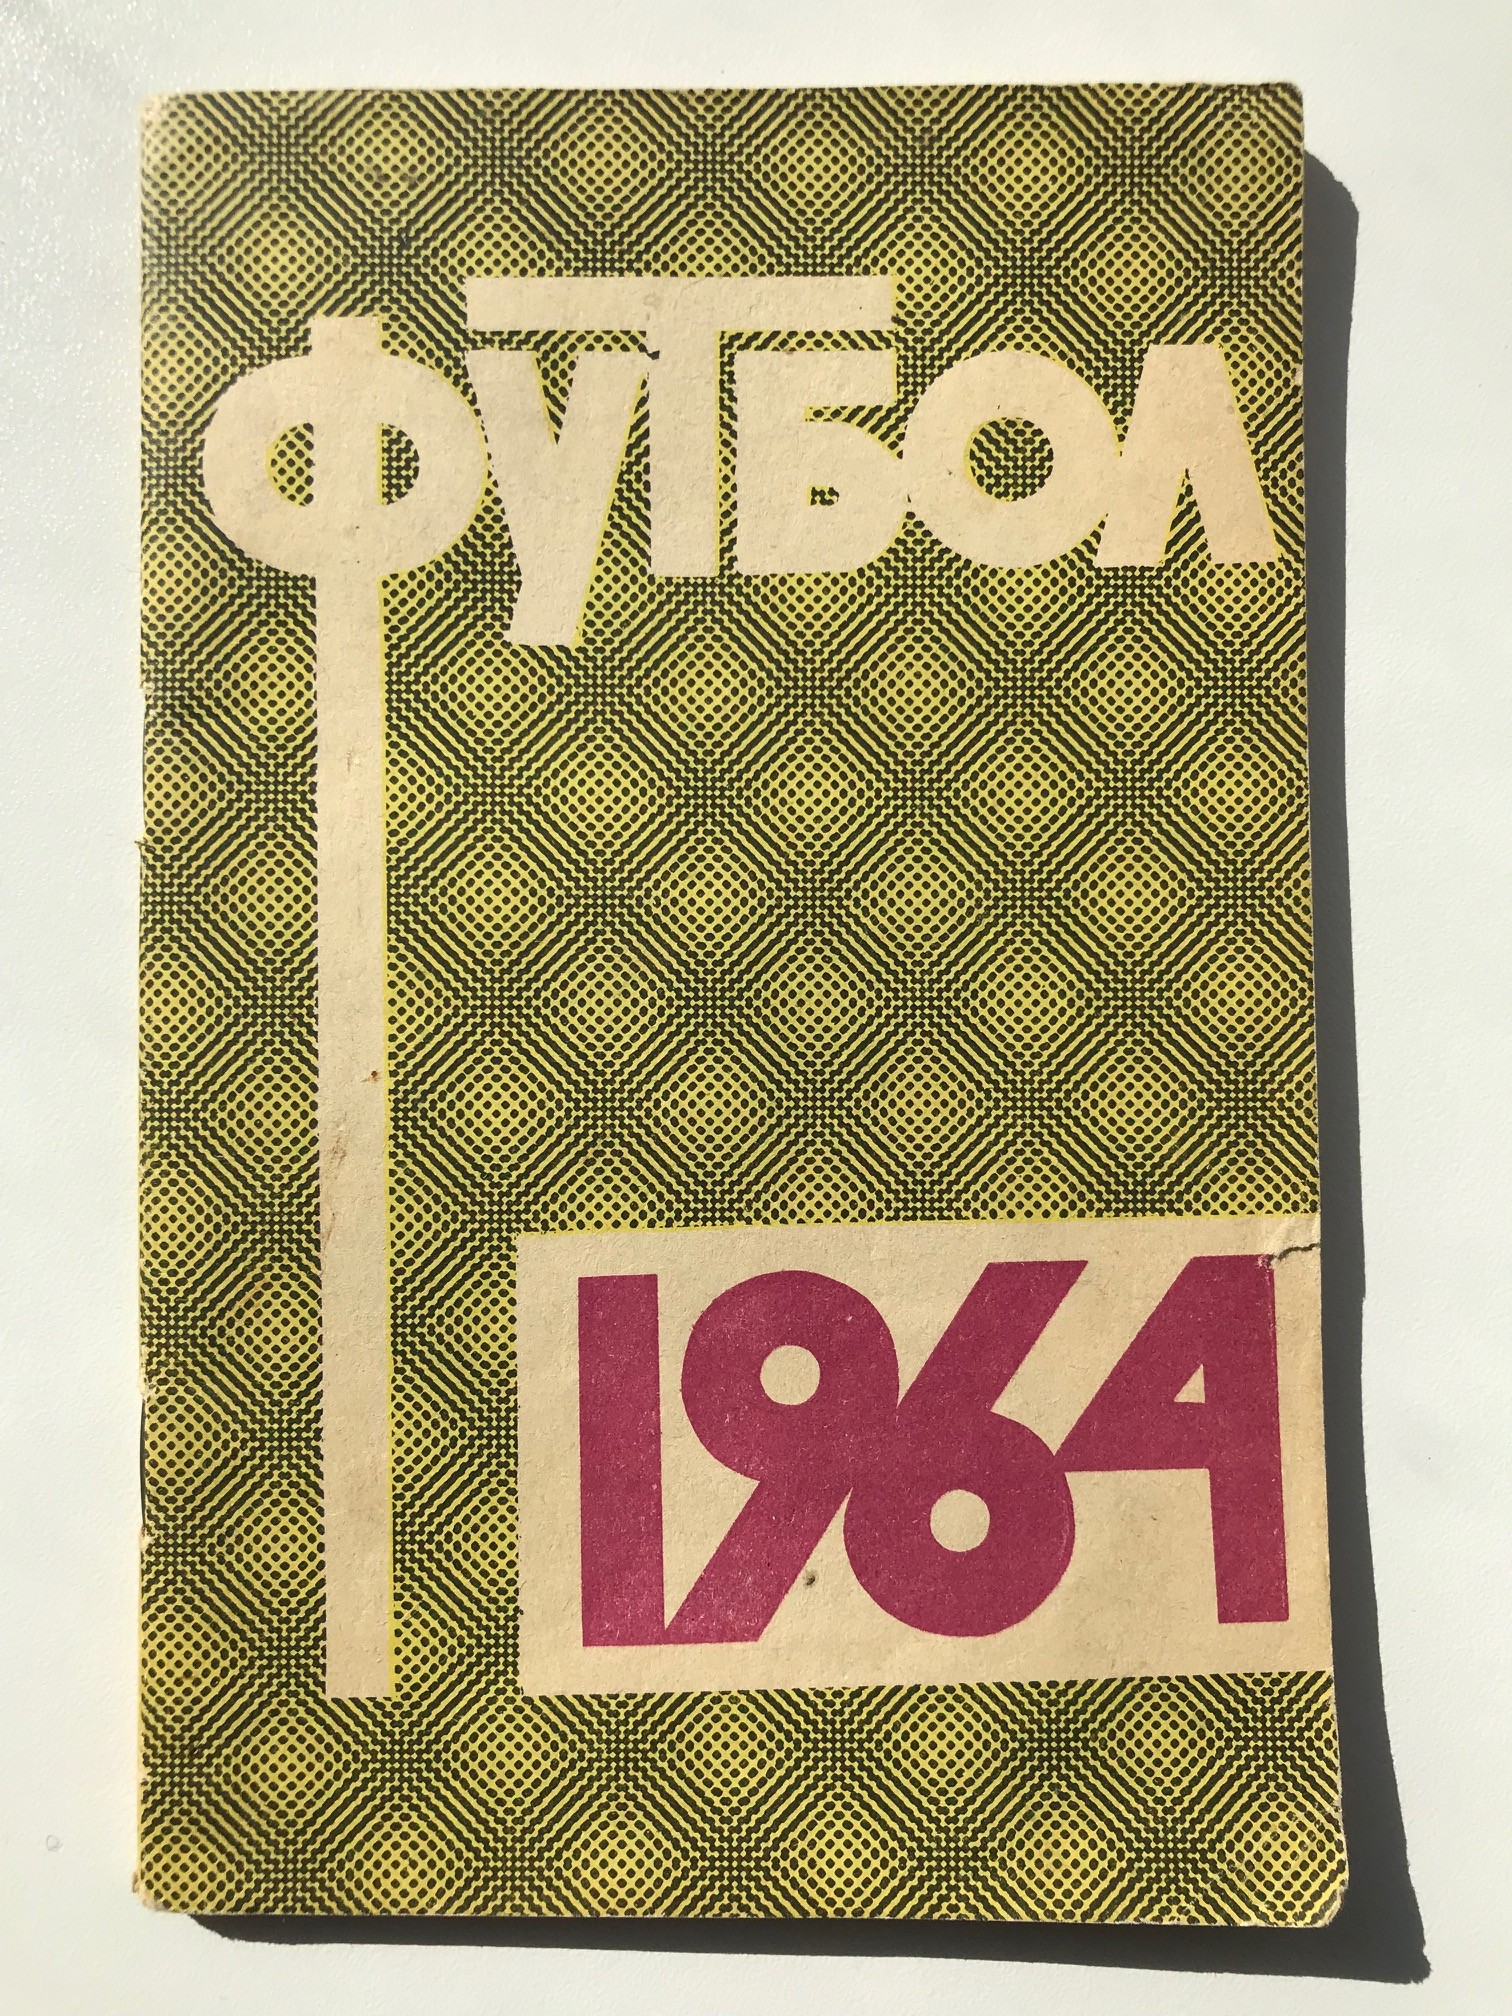 Fußball-Jahresplaner 1964